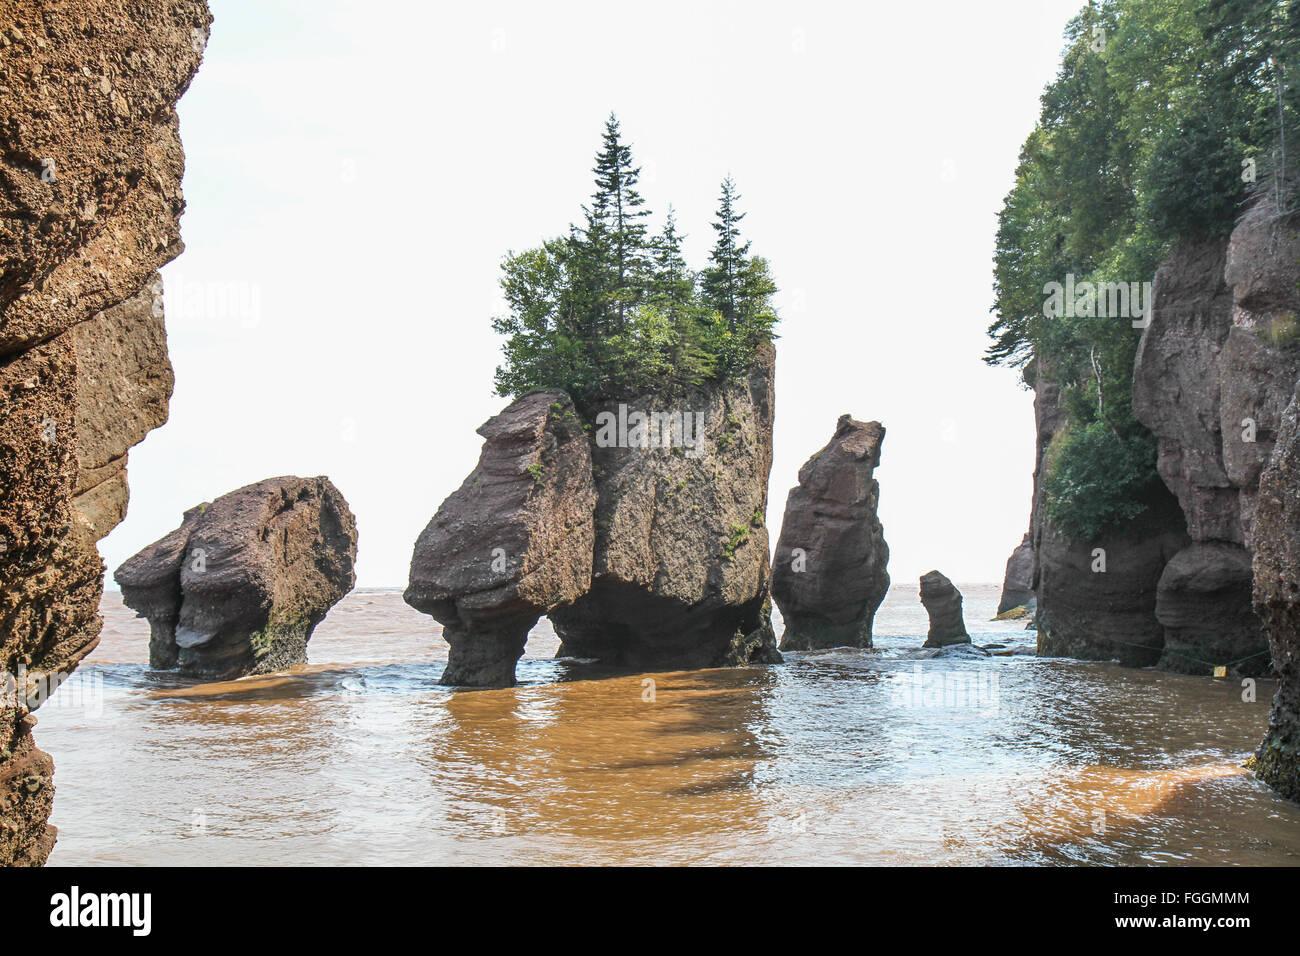 Genial Fundy Flower Pot Rocks Stock Photo: 96253828   Alamy